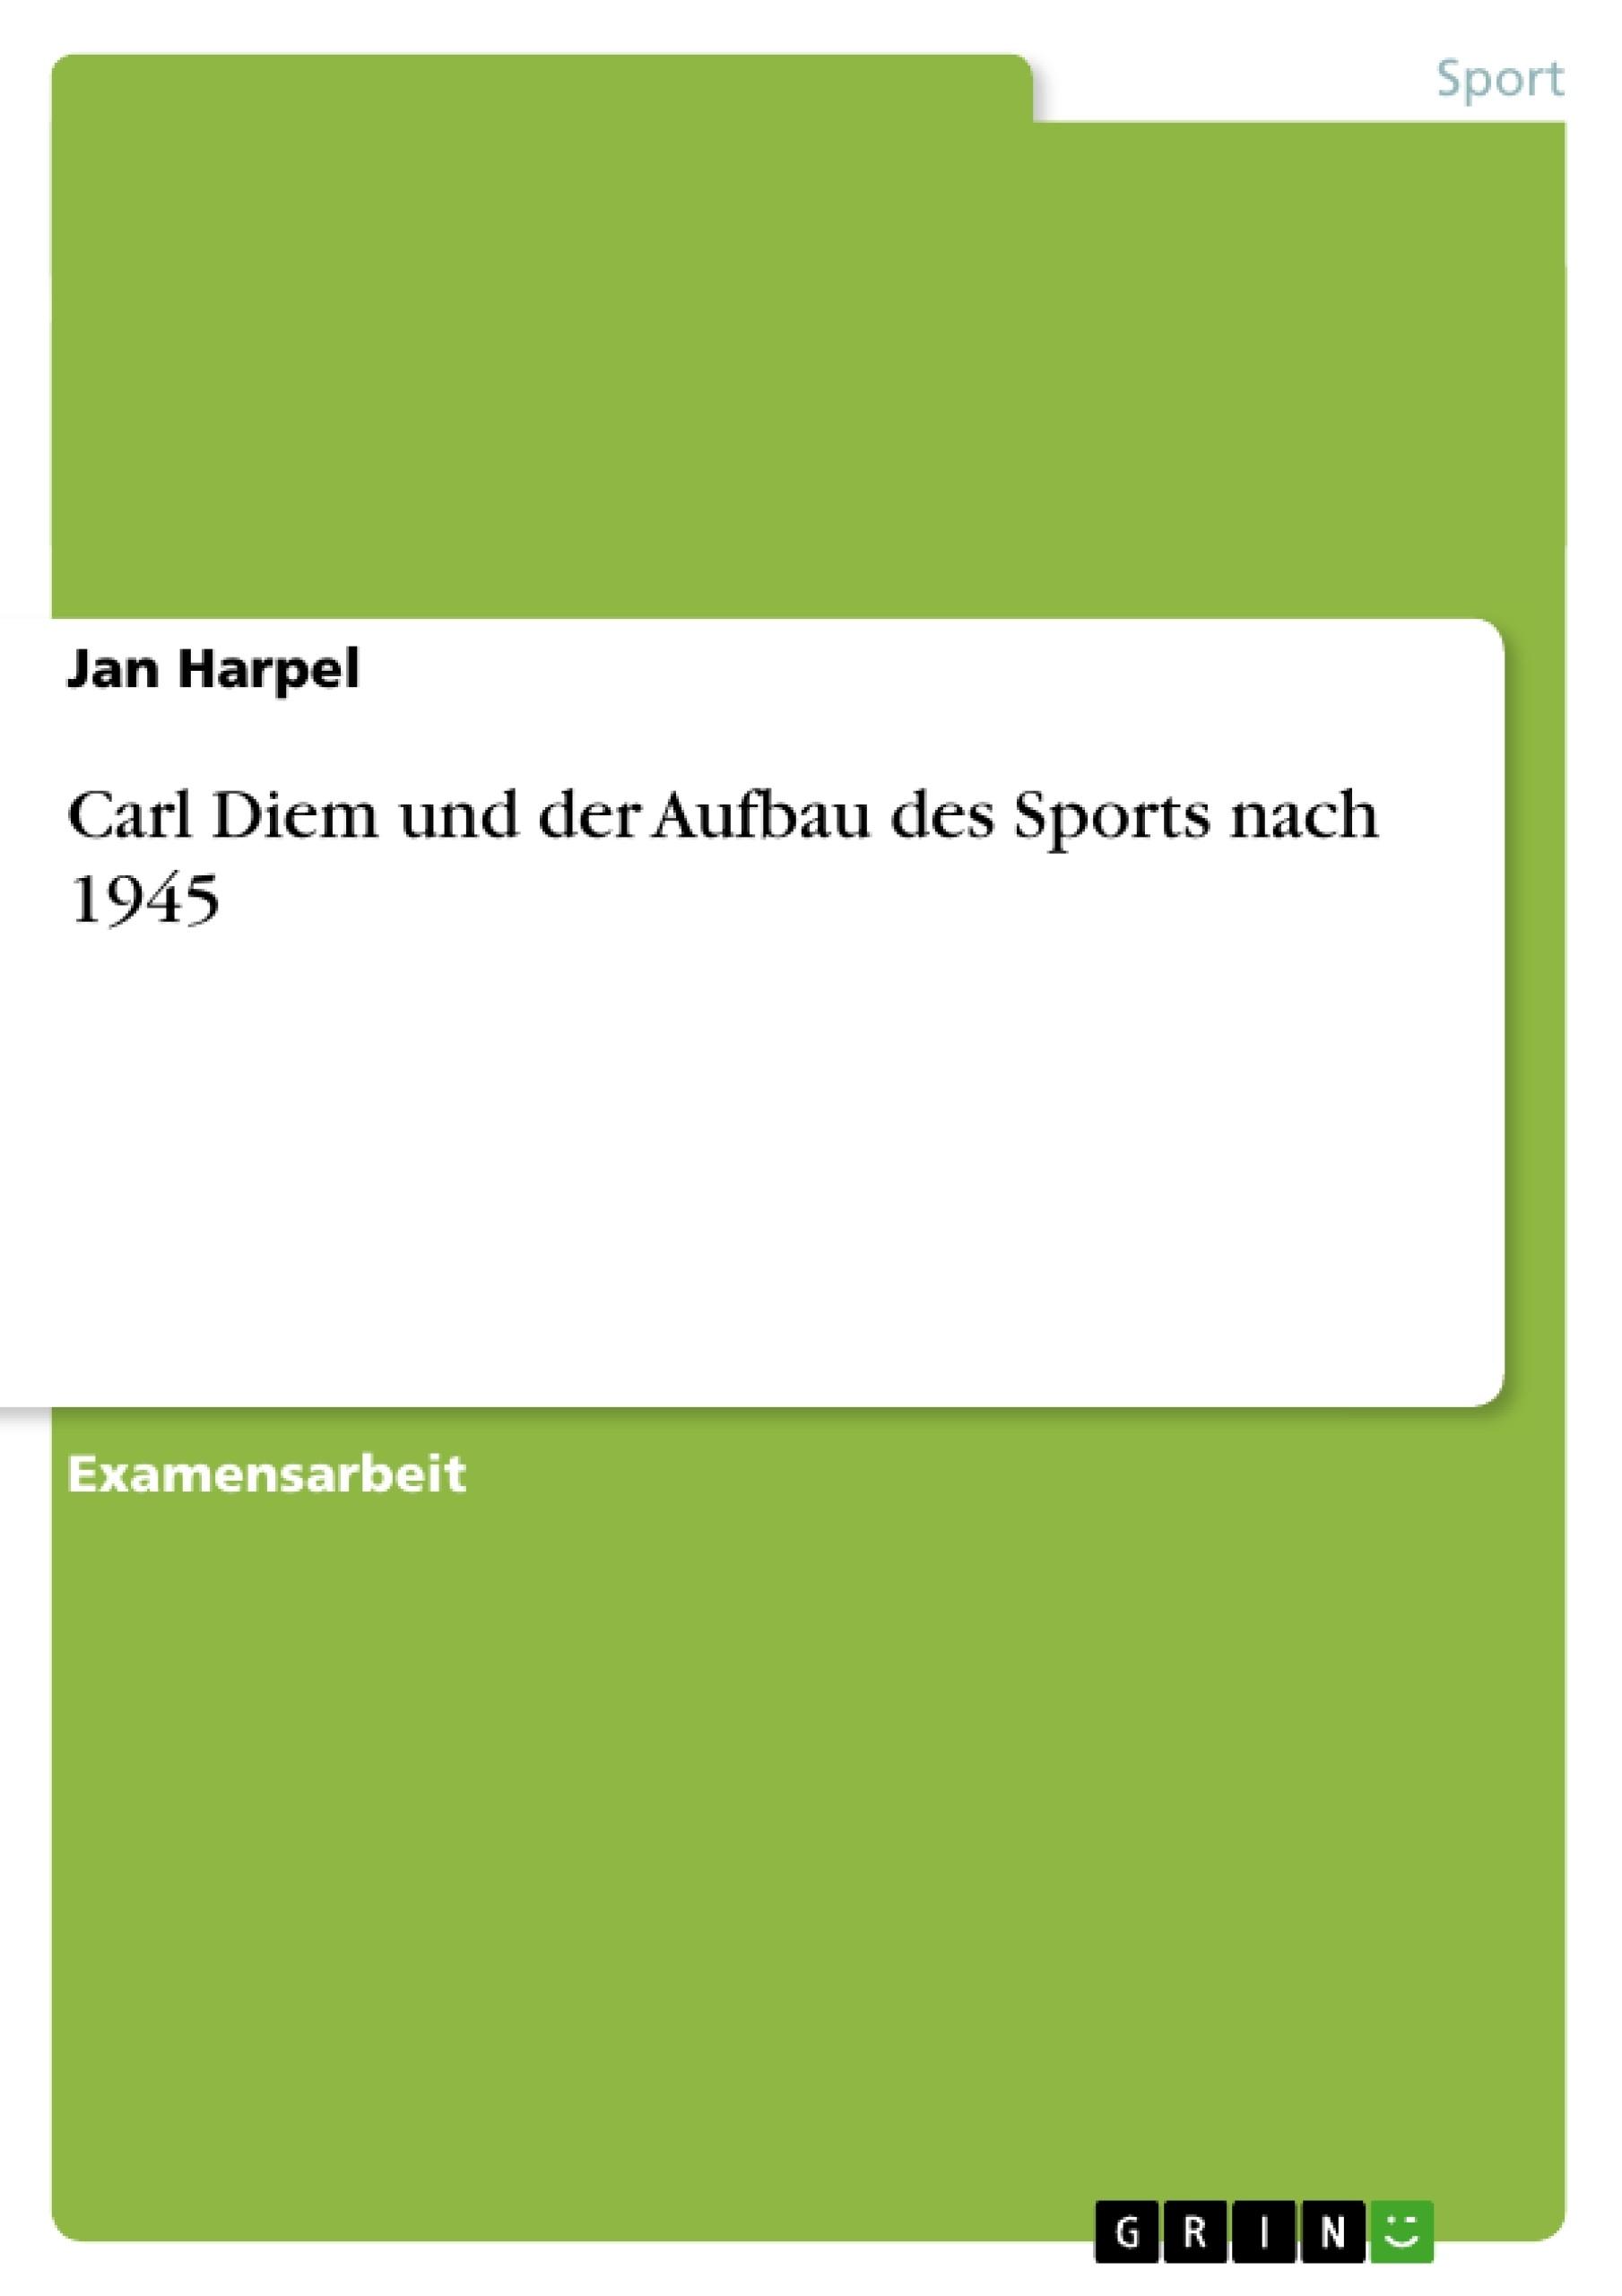 Titel: Carl Diem und der Aufbau des Sports nach 1945